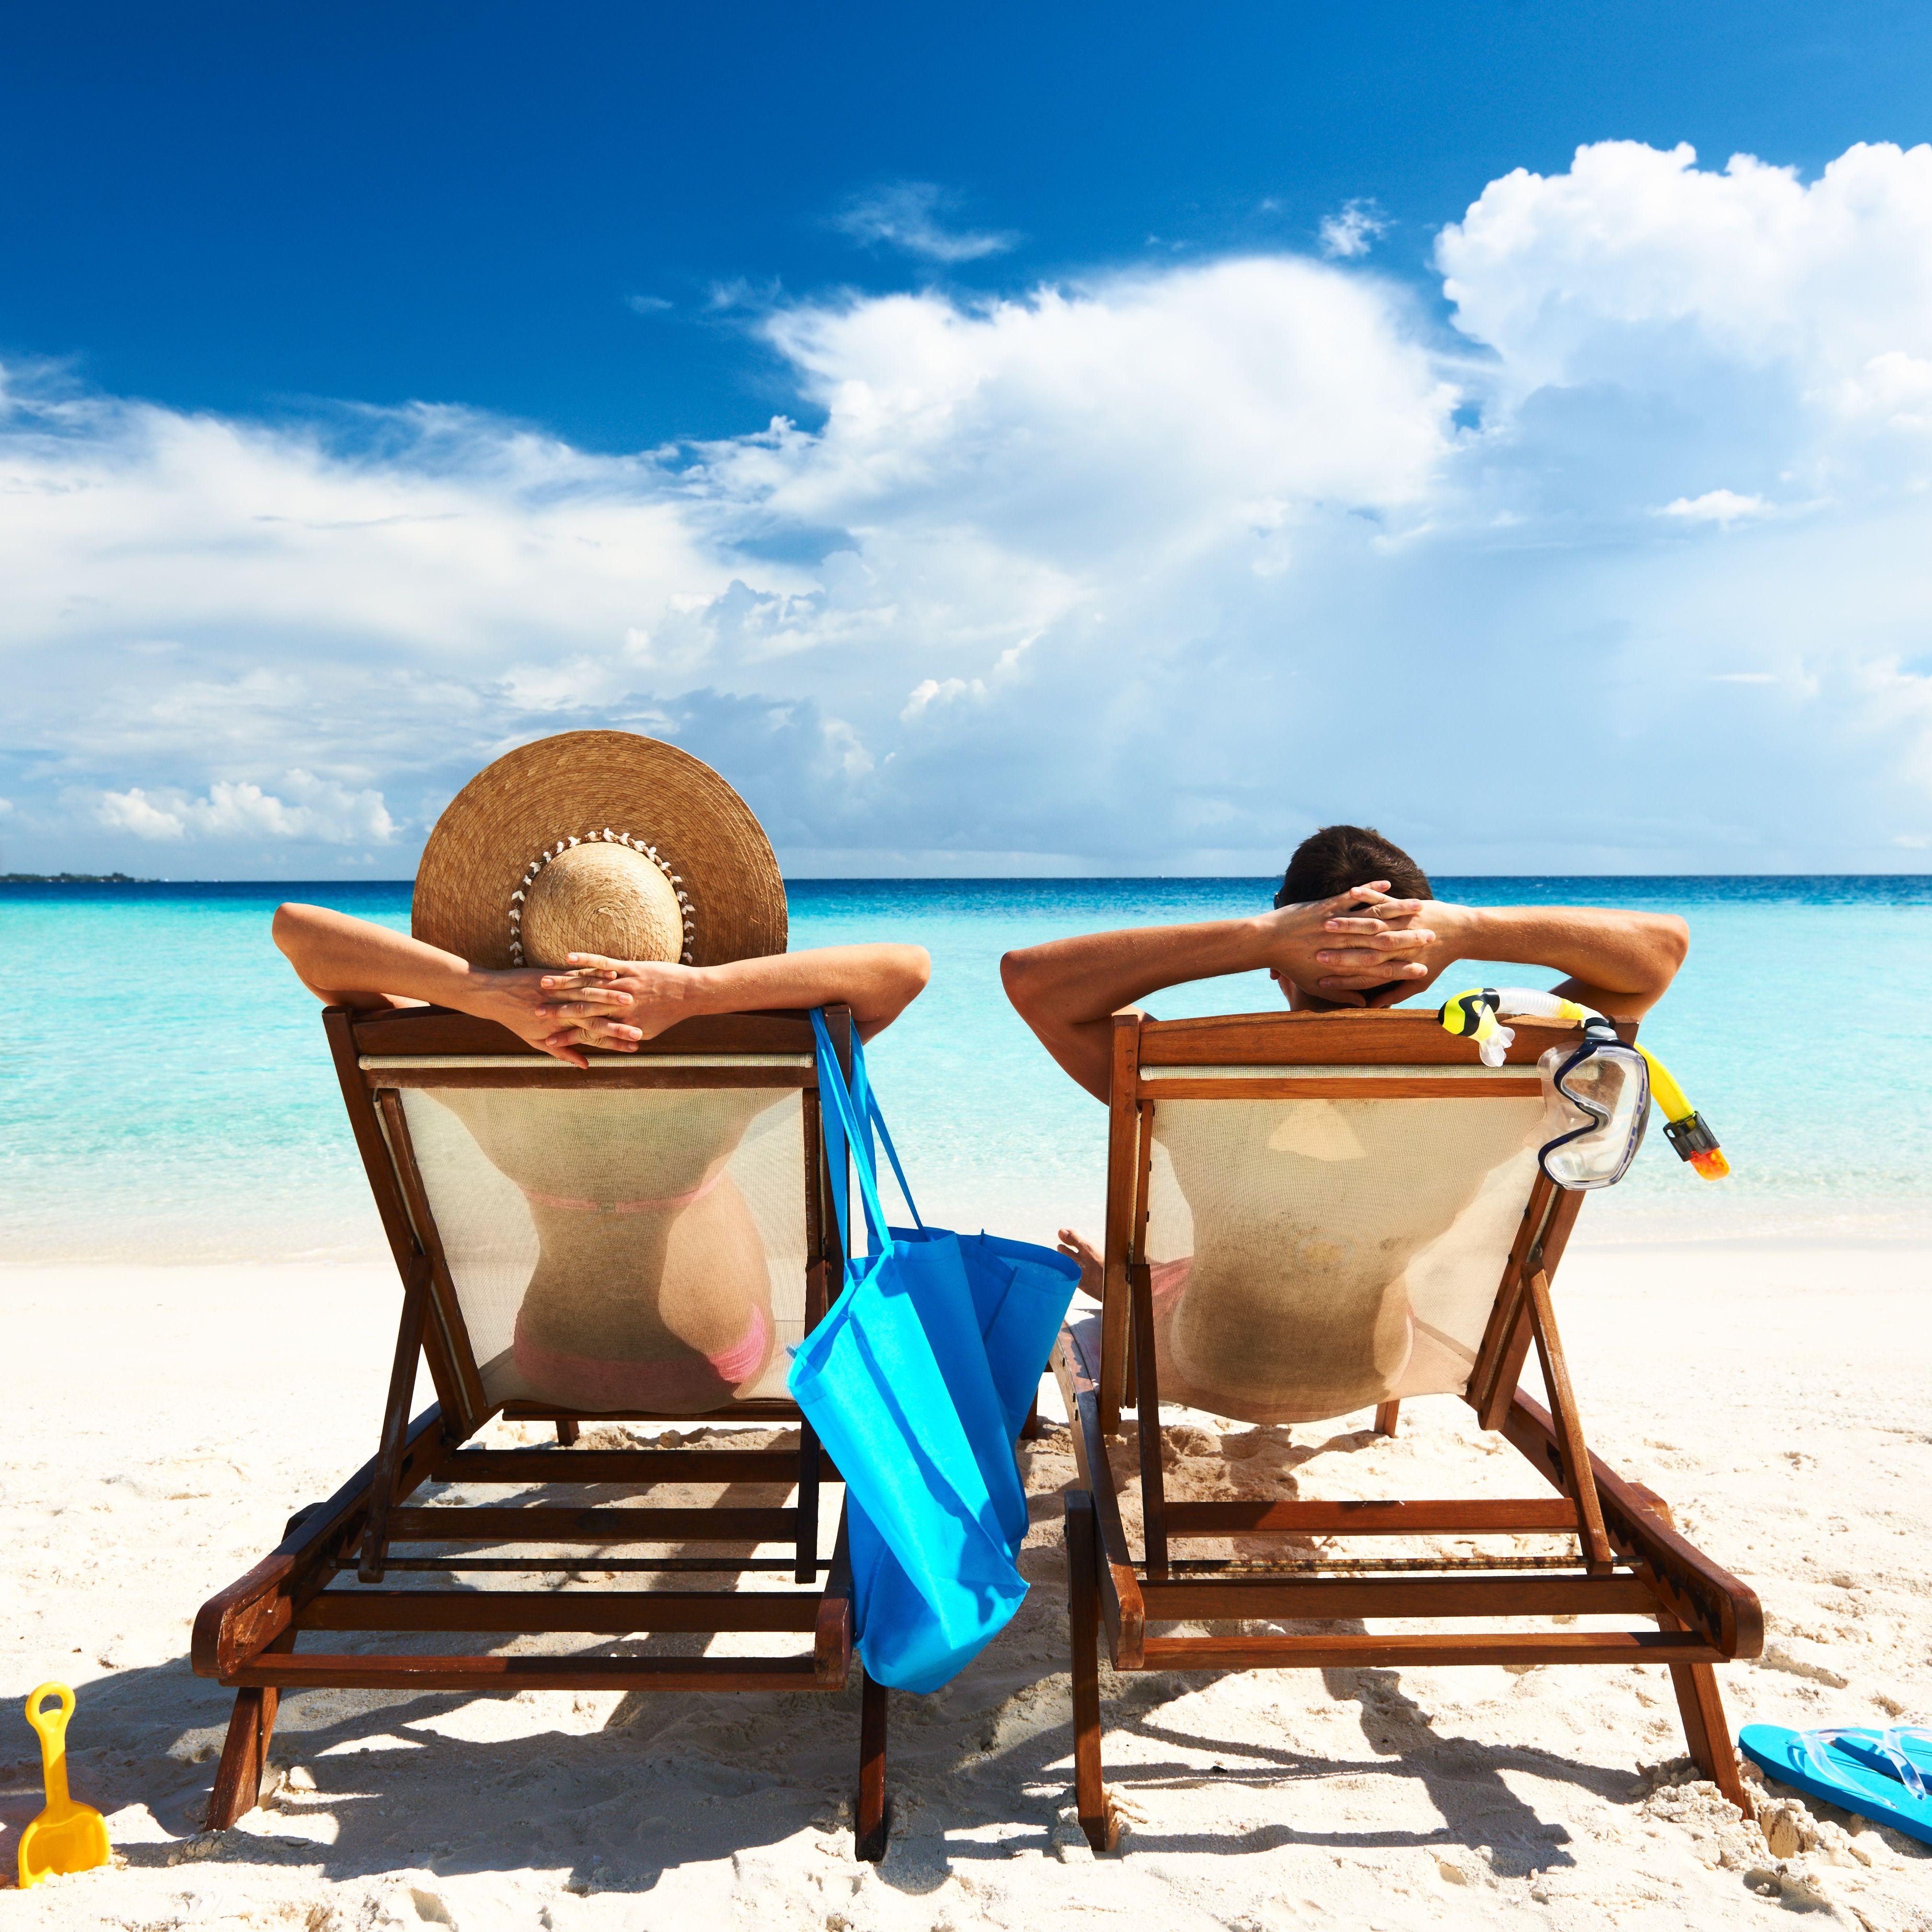 Couple Lounging Disfruta Con La Ayuda De Toursenespanol Com Ir De Vacaciones Playas Tropicales Vacaciones